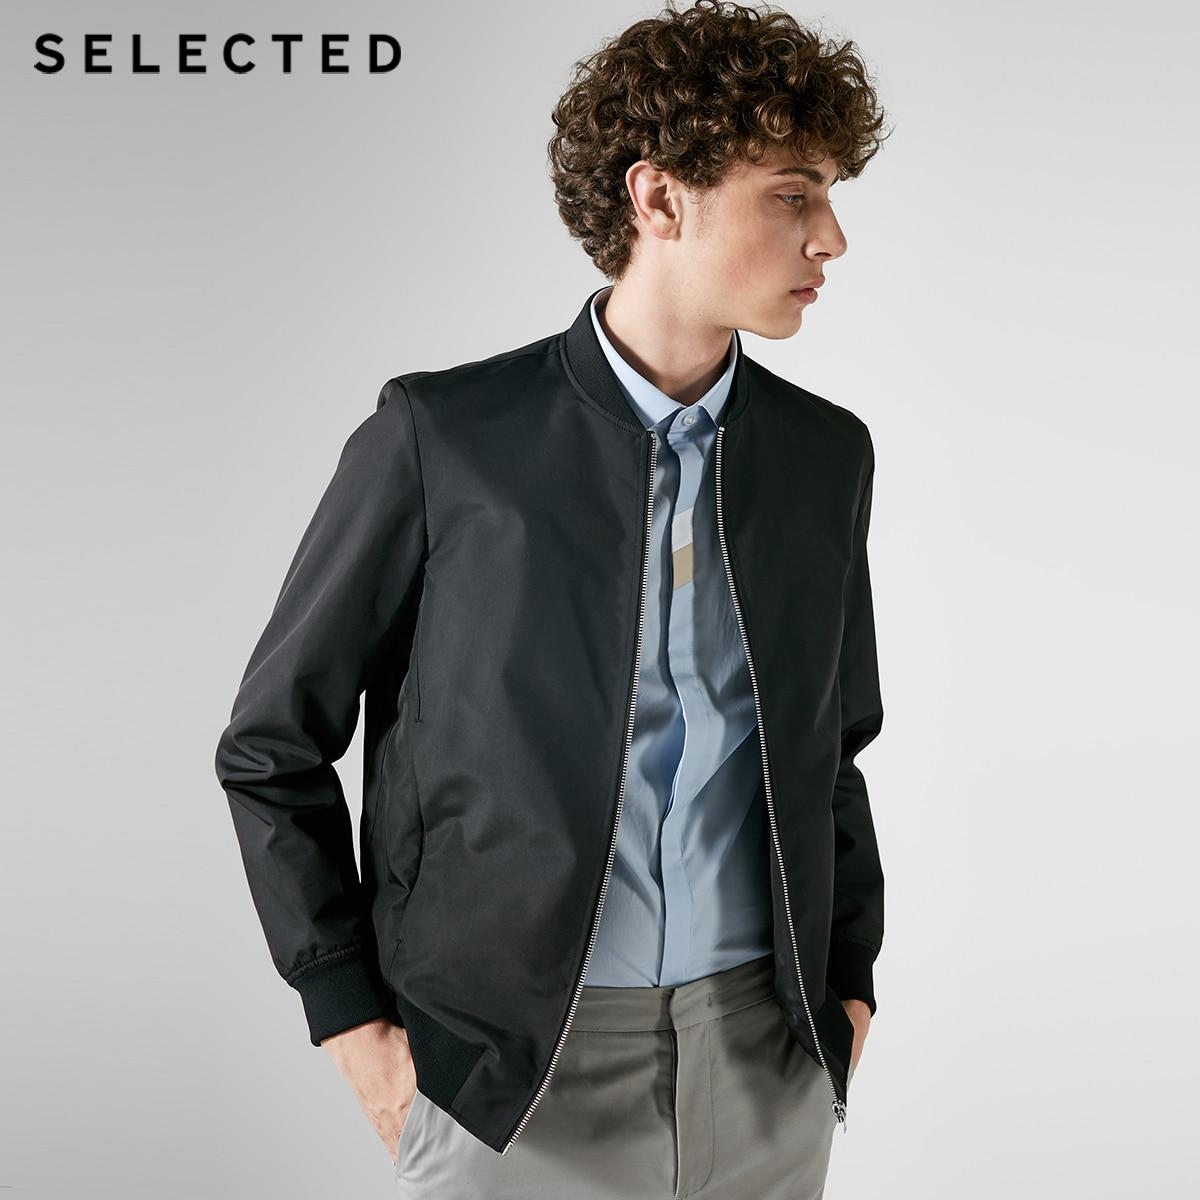 AUSGEWÄHLT männer Reine Farbe Baseball Kragen Reißverschluss Jacke S  4183OM506-in Jacken aus Herrenbekleidung bei  Gruppe 1